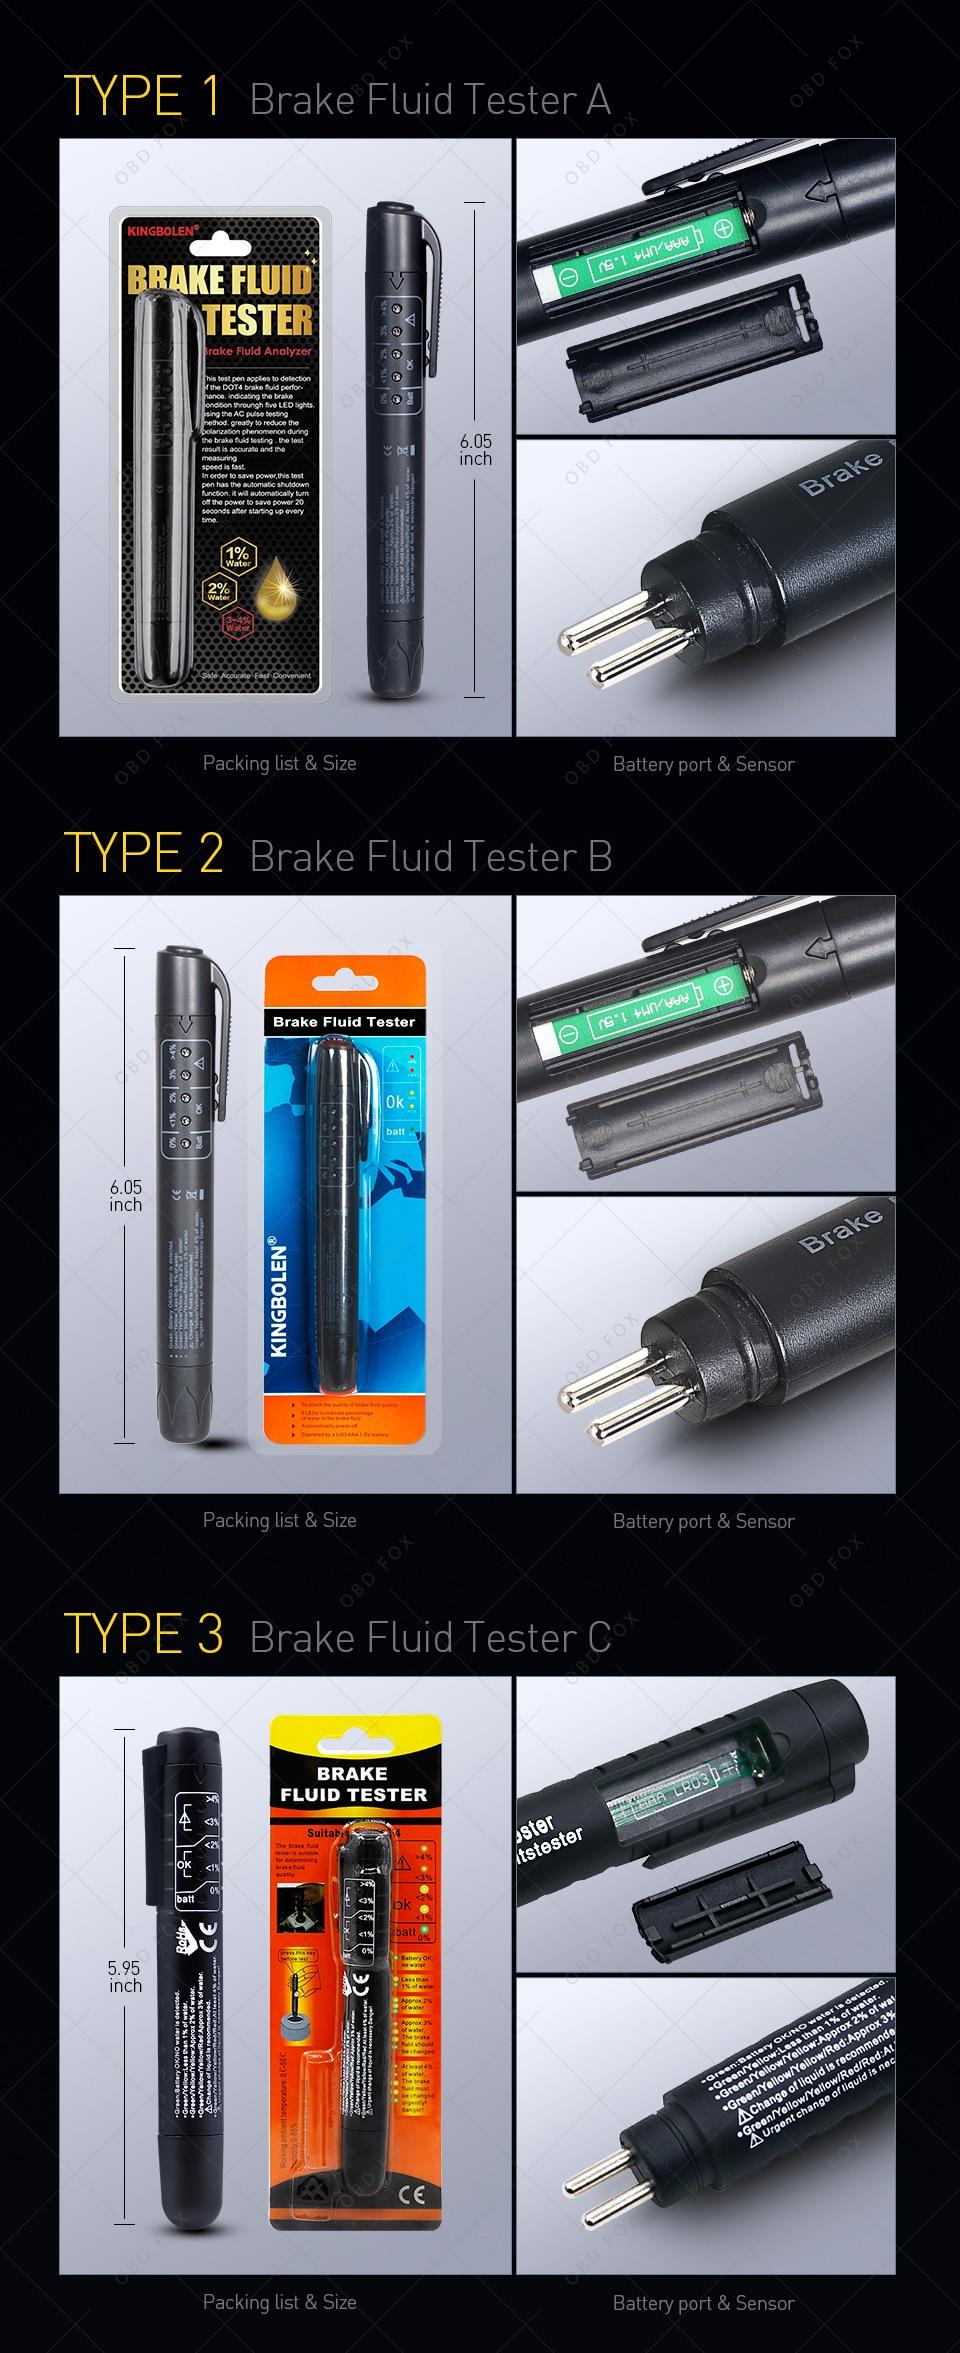 Brake-fluid-tester-1-(1)